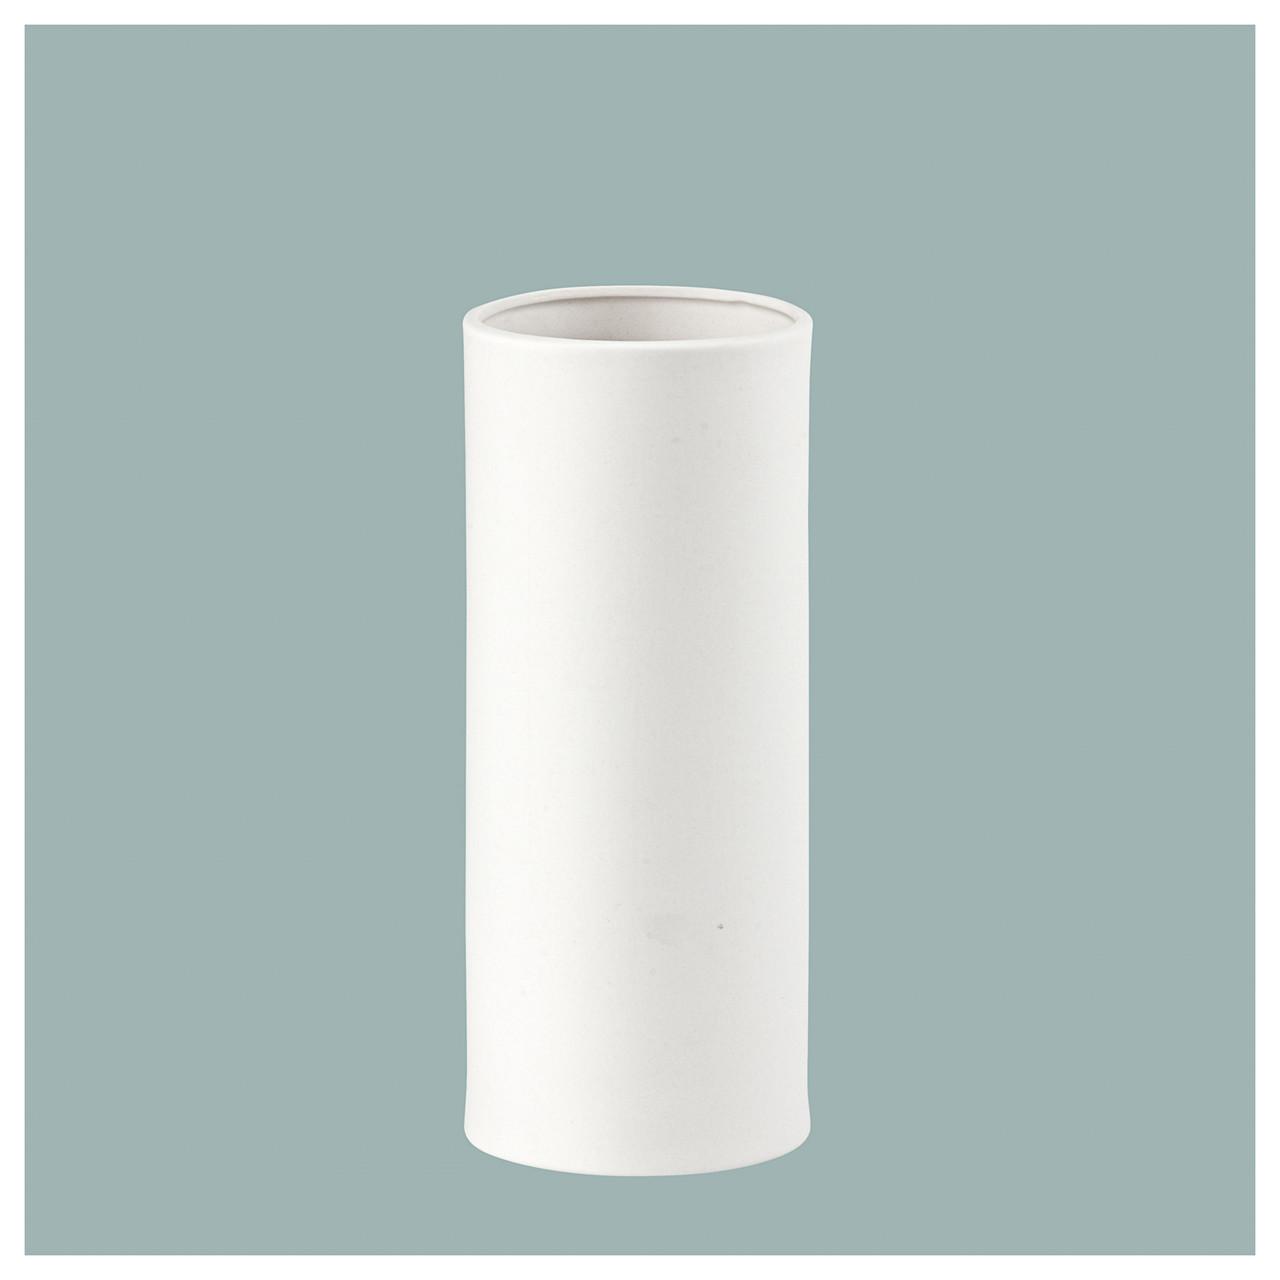 Créton maison porcelæn vase